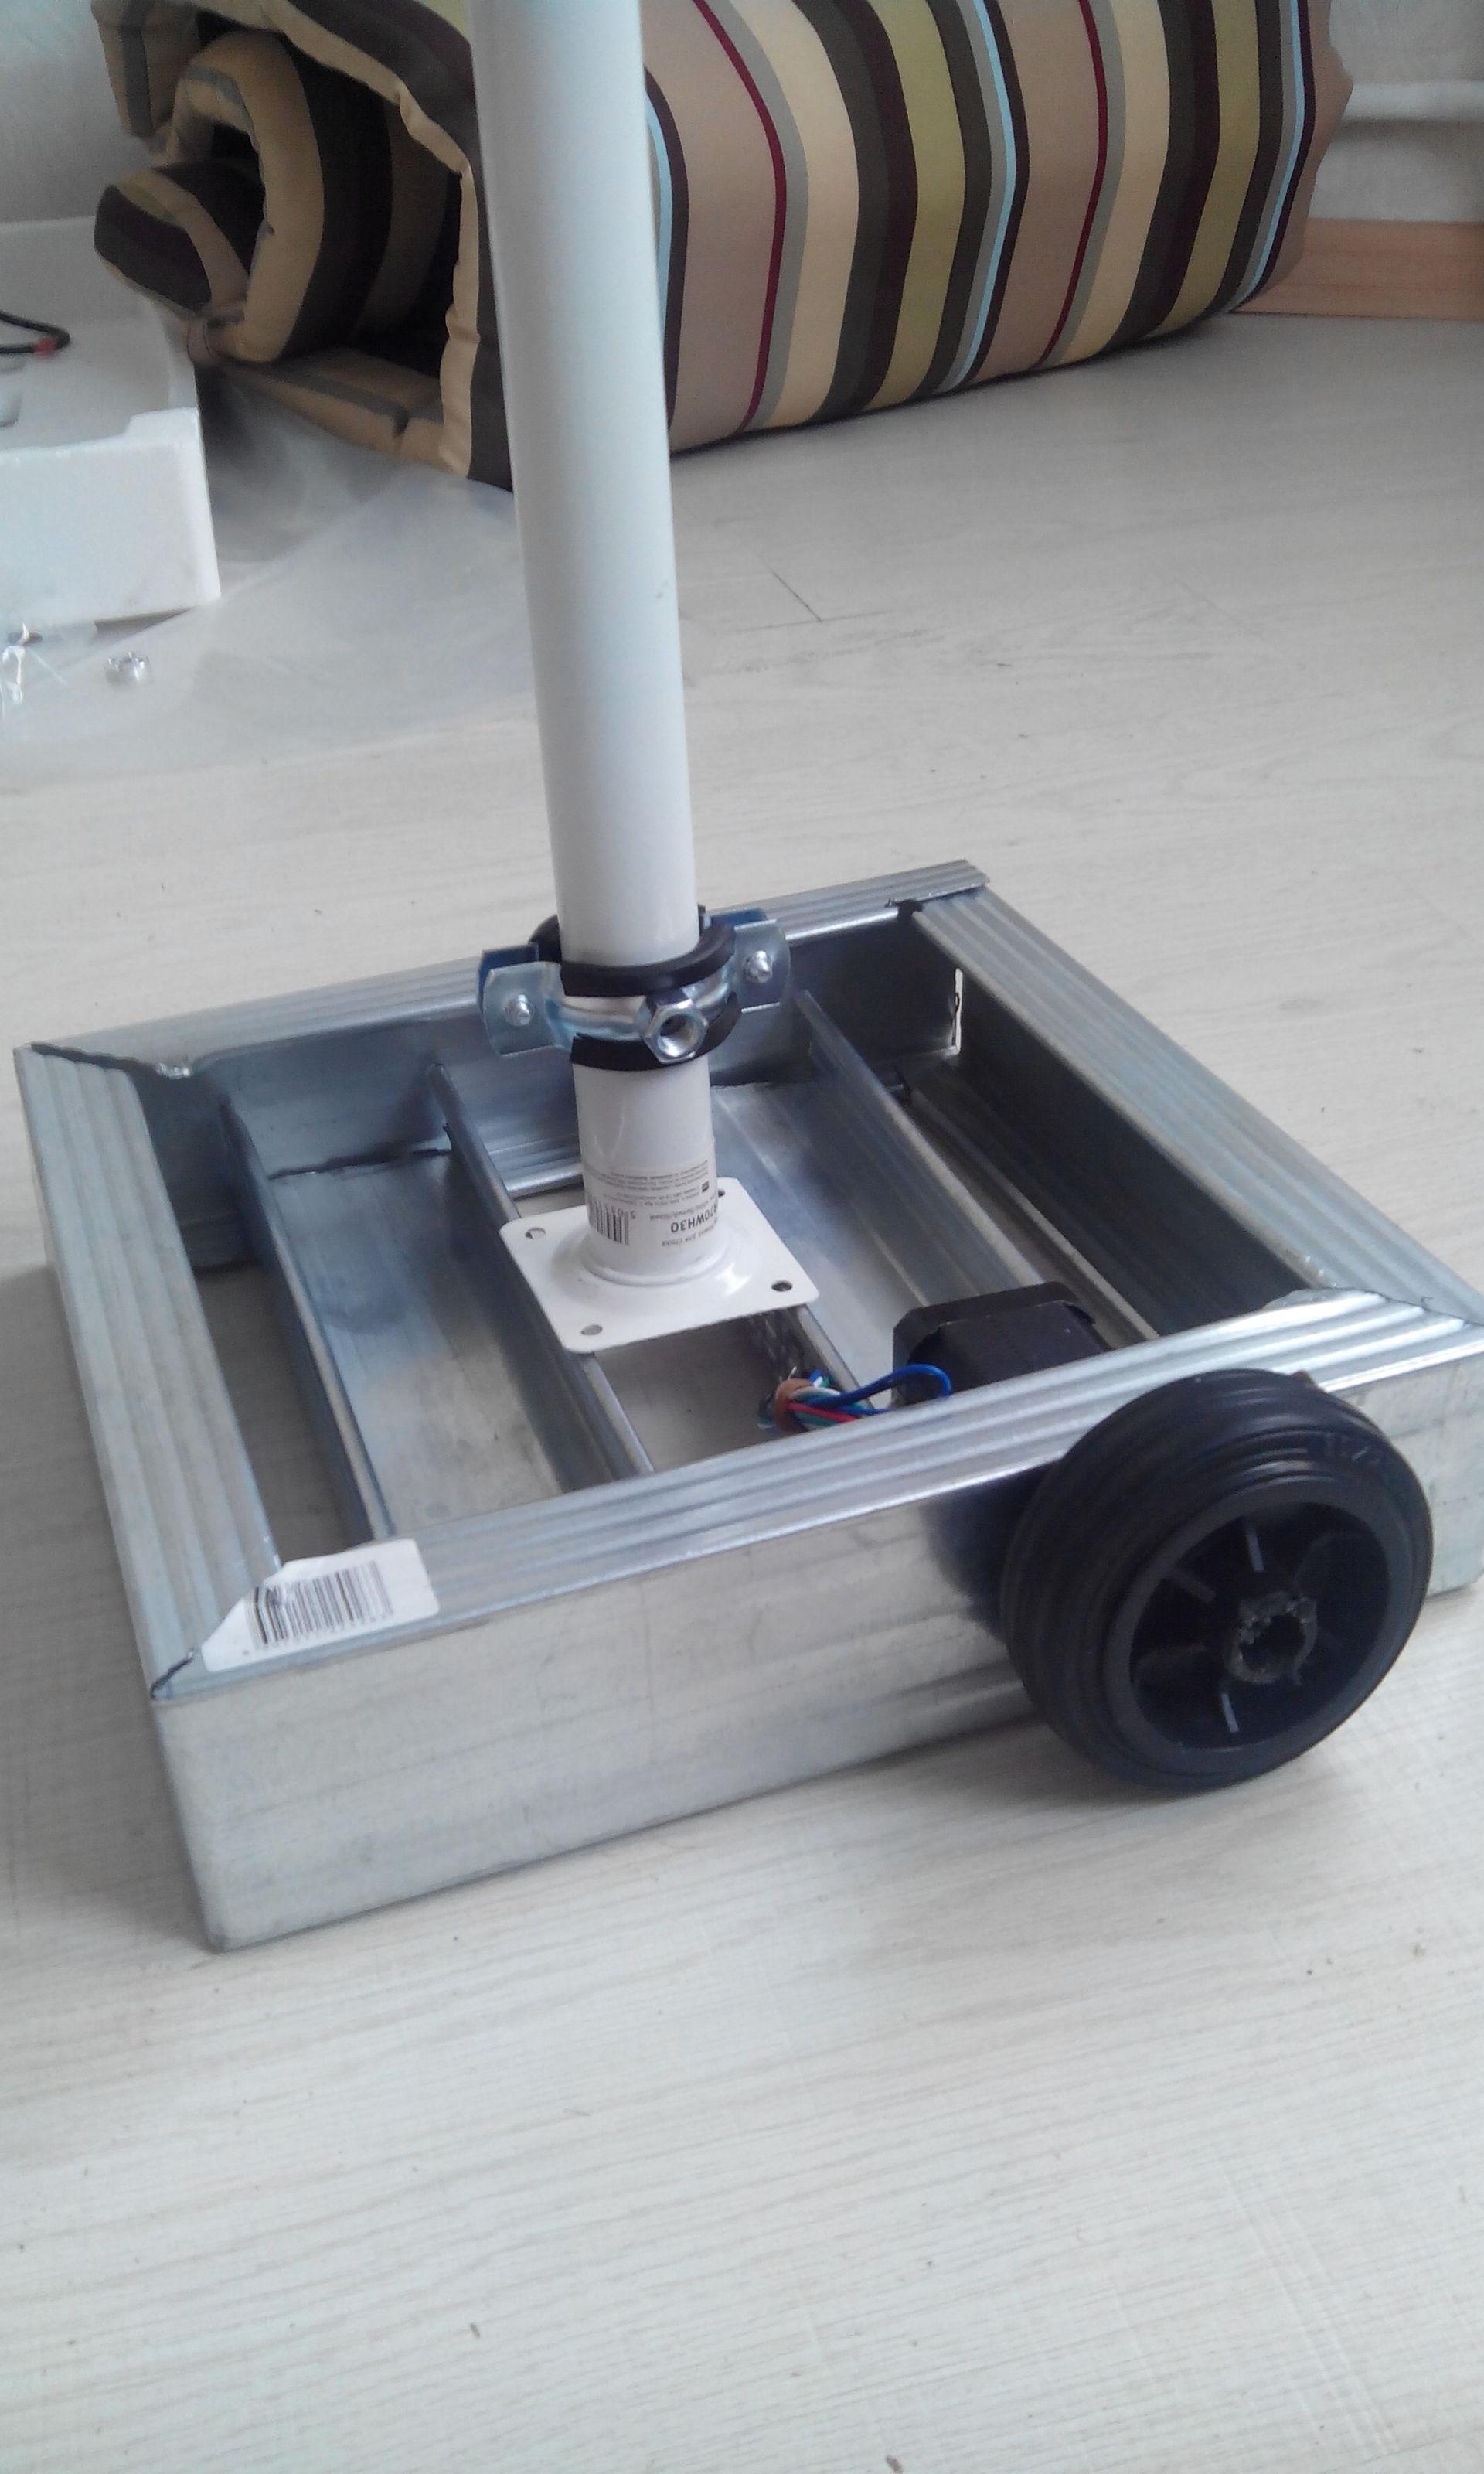 """""""Зарождение проекта. Часть 1.1. Как я собирал робота телеприсутствия на колесной базе."""" Технологии Endurance - 8"""